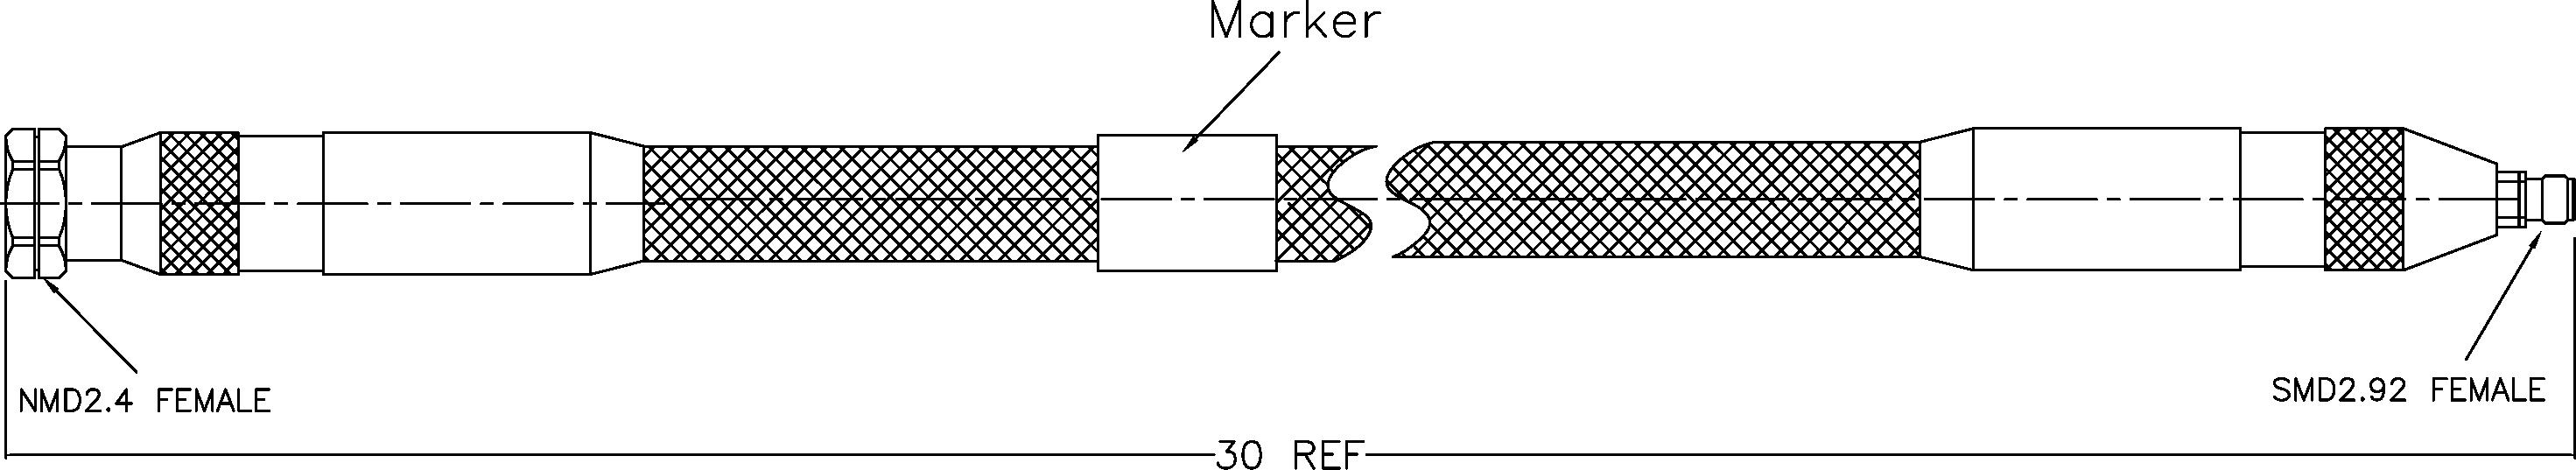 hvna40-24nmd-29j-30-oldrawing.png